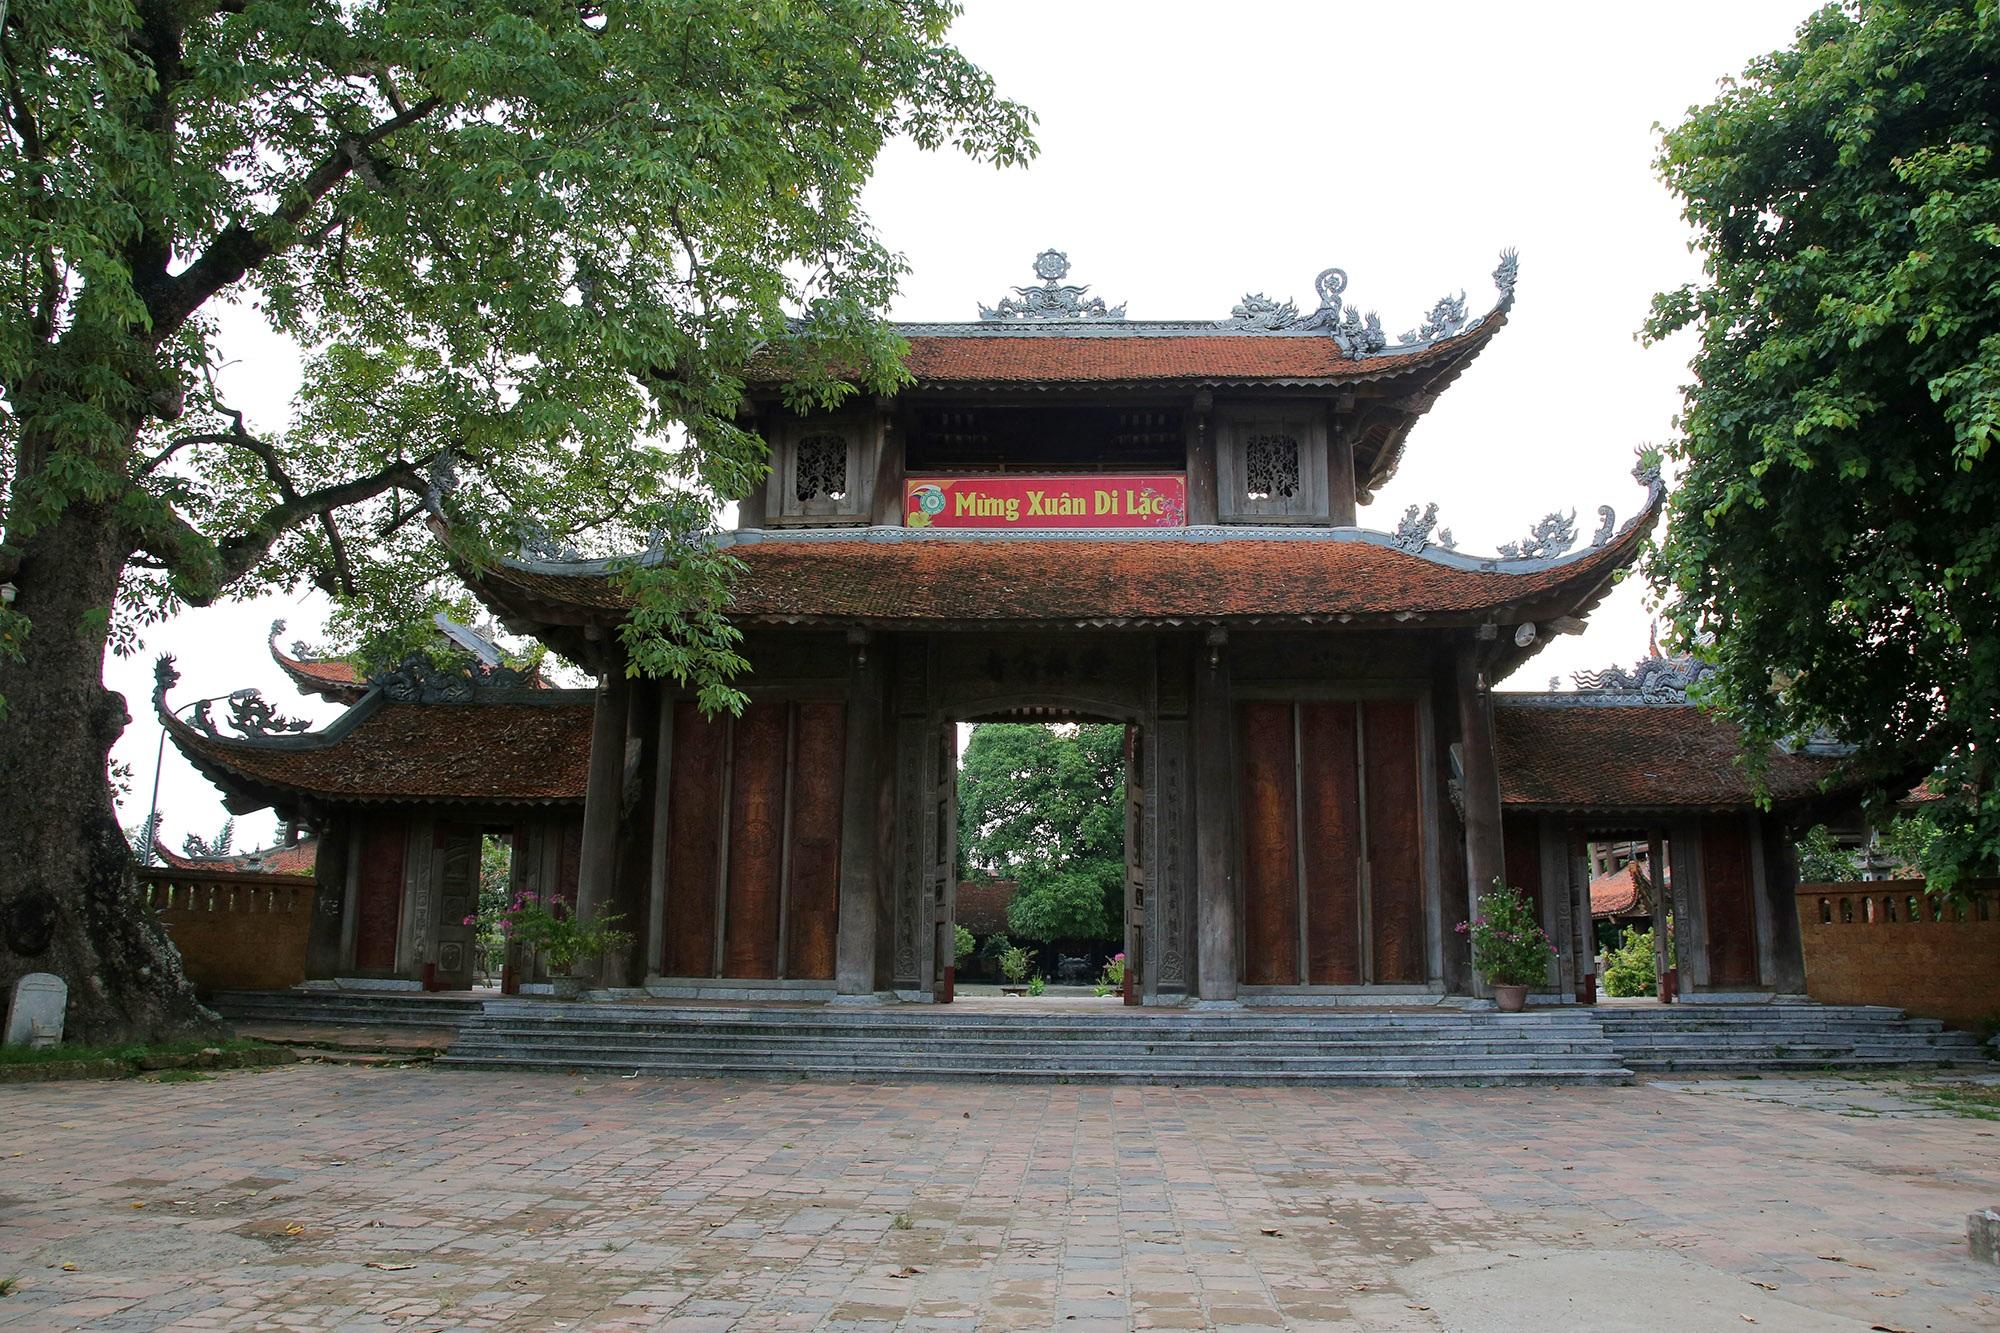 Phát hiện thêm một cổ trấn đẹp bình dị cách Hà Nội 30 km - 15